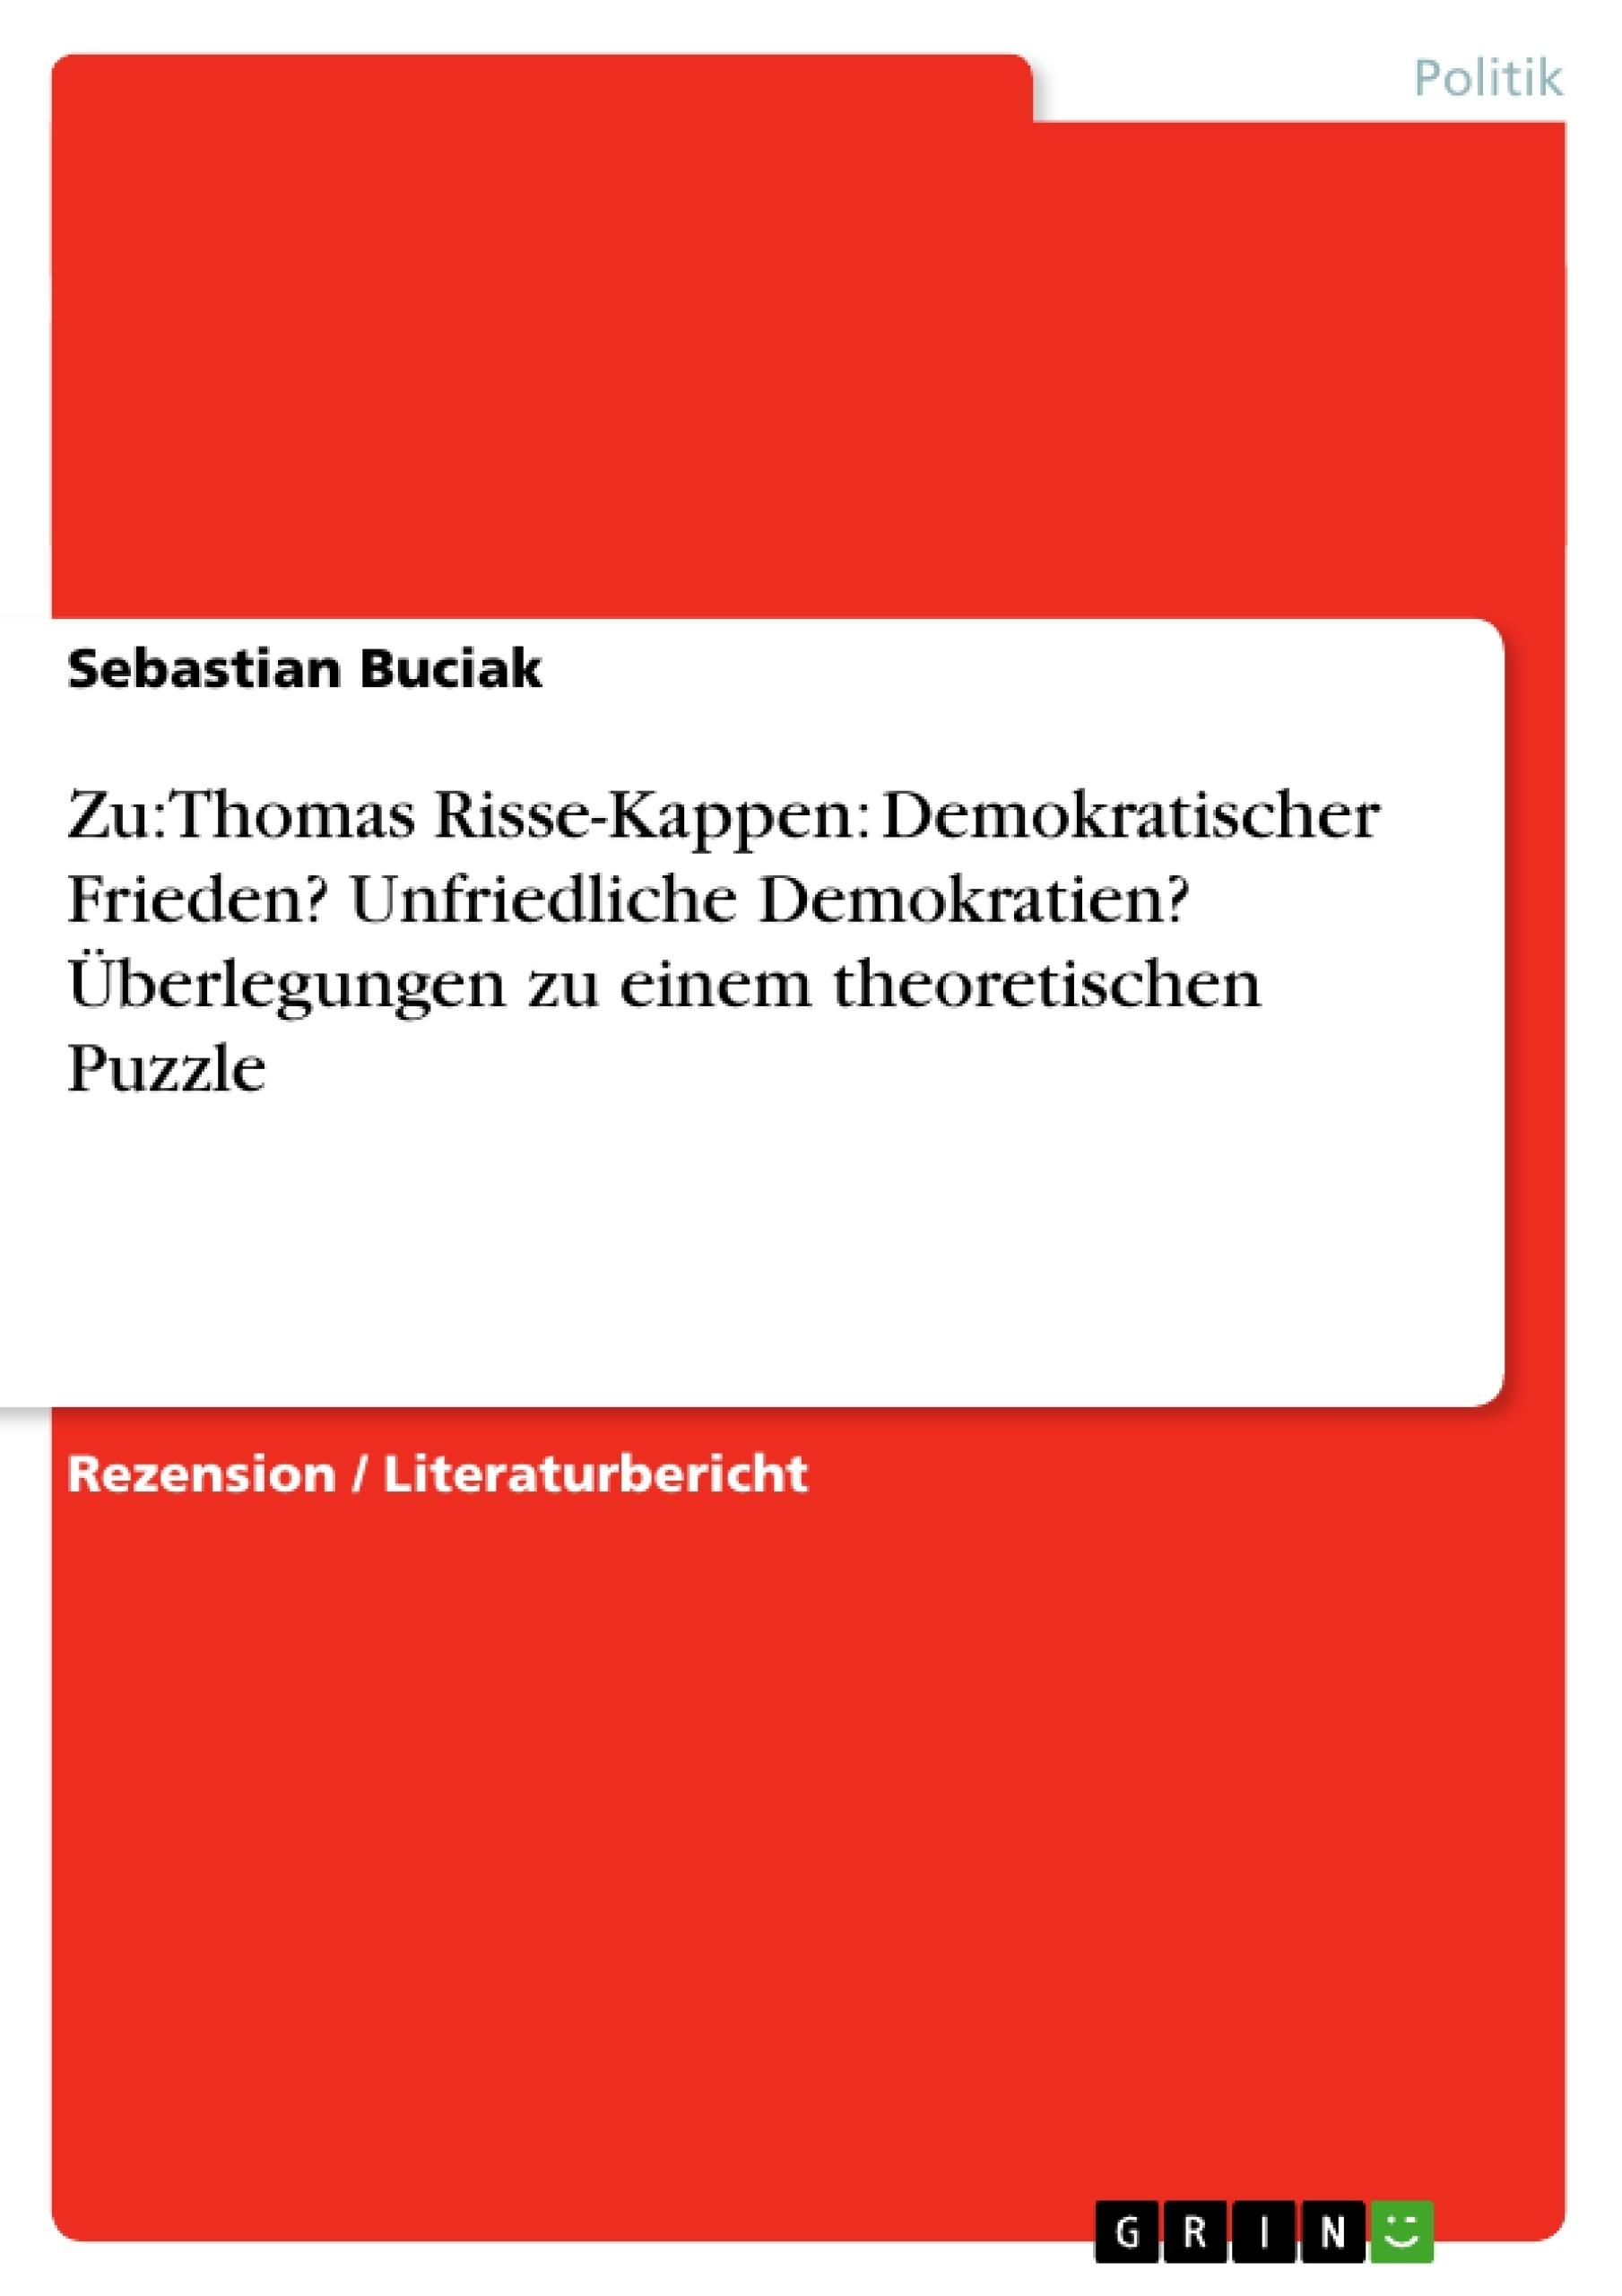 Titel: Zu: Thomas Risse-Kappen: Demokratischer Frieden? Unfriedliche Demokratien? Überlegungen zu einem theoretischen Puzzle